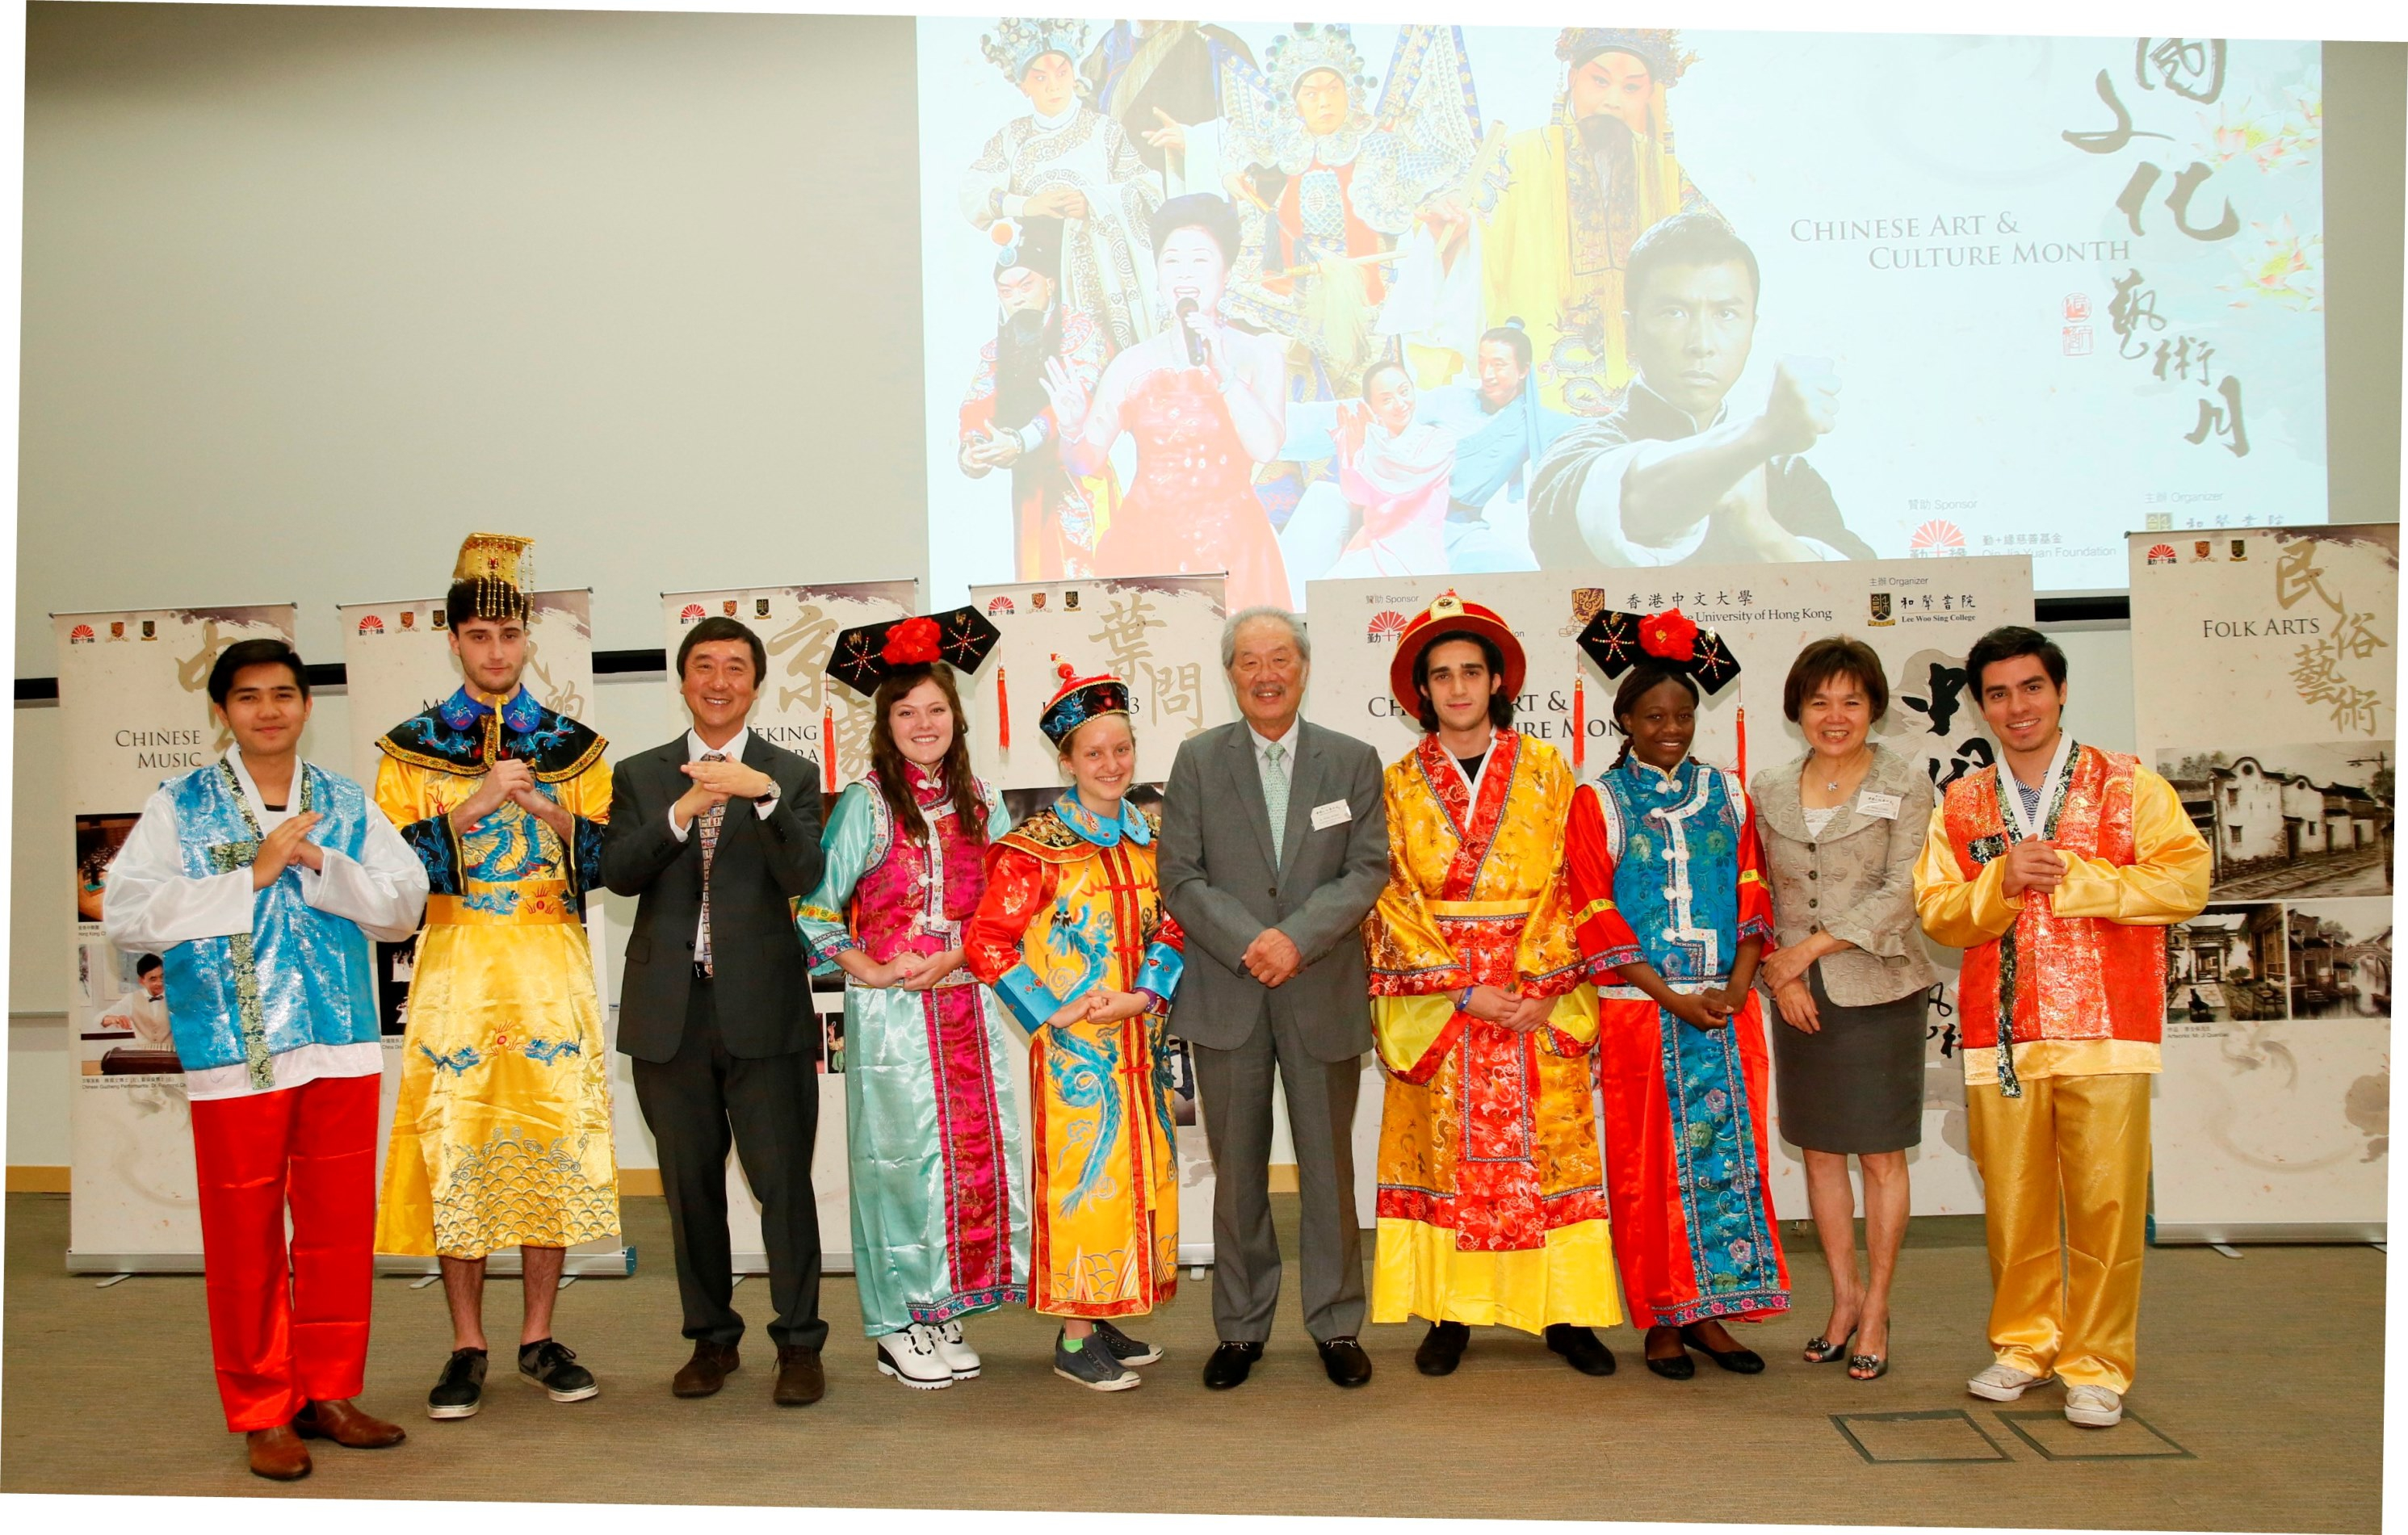 黃宜弘博士(右五)、梁鳳儀博士(右二)及沈祖堯校長(左三)與穿上中國傳統服飾的國際暑期課程學生合照